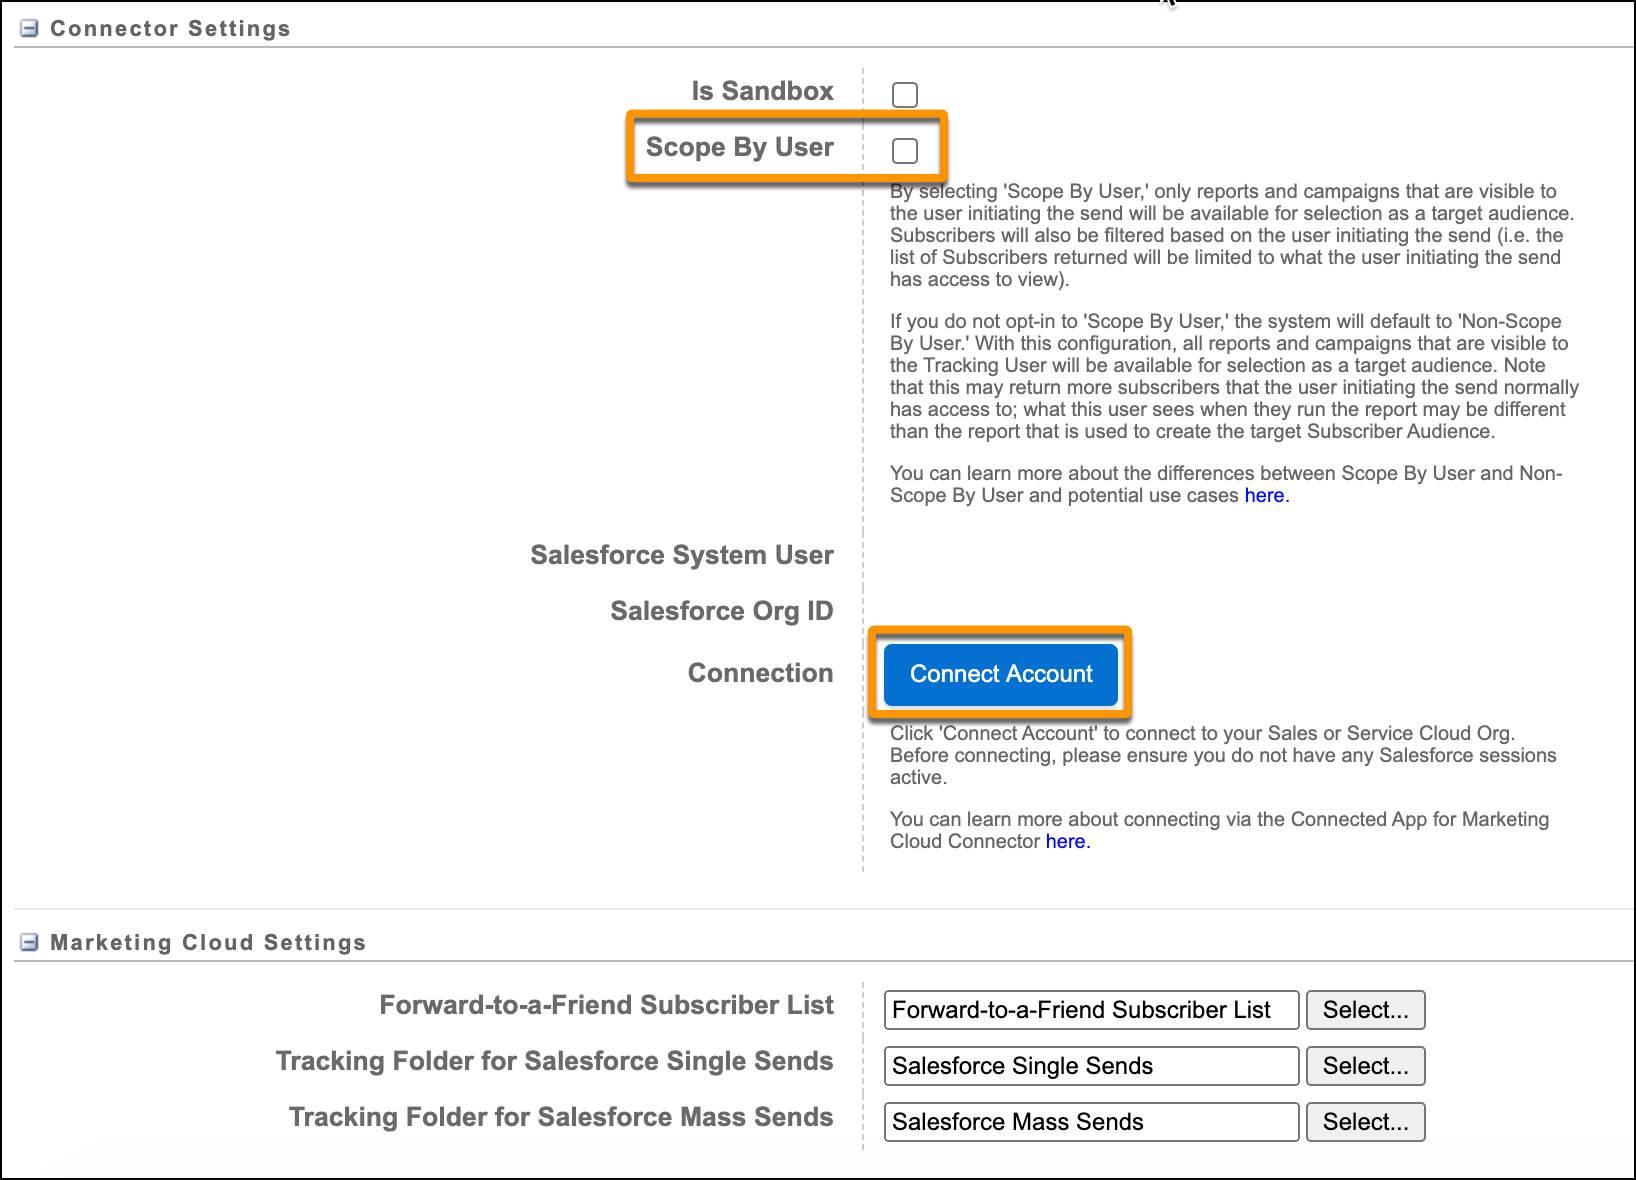 Setup-Bildschirm 'Integration in Salesforce' in Marketing Cloud mit eingekreisten Elementen 'Bereich nach Benutzer' und 'Account verbinden'.